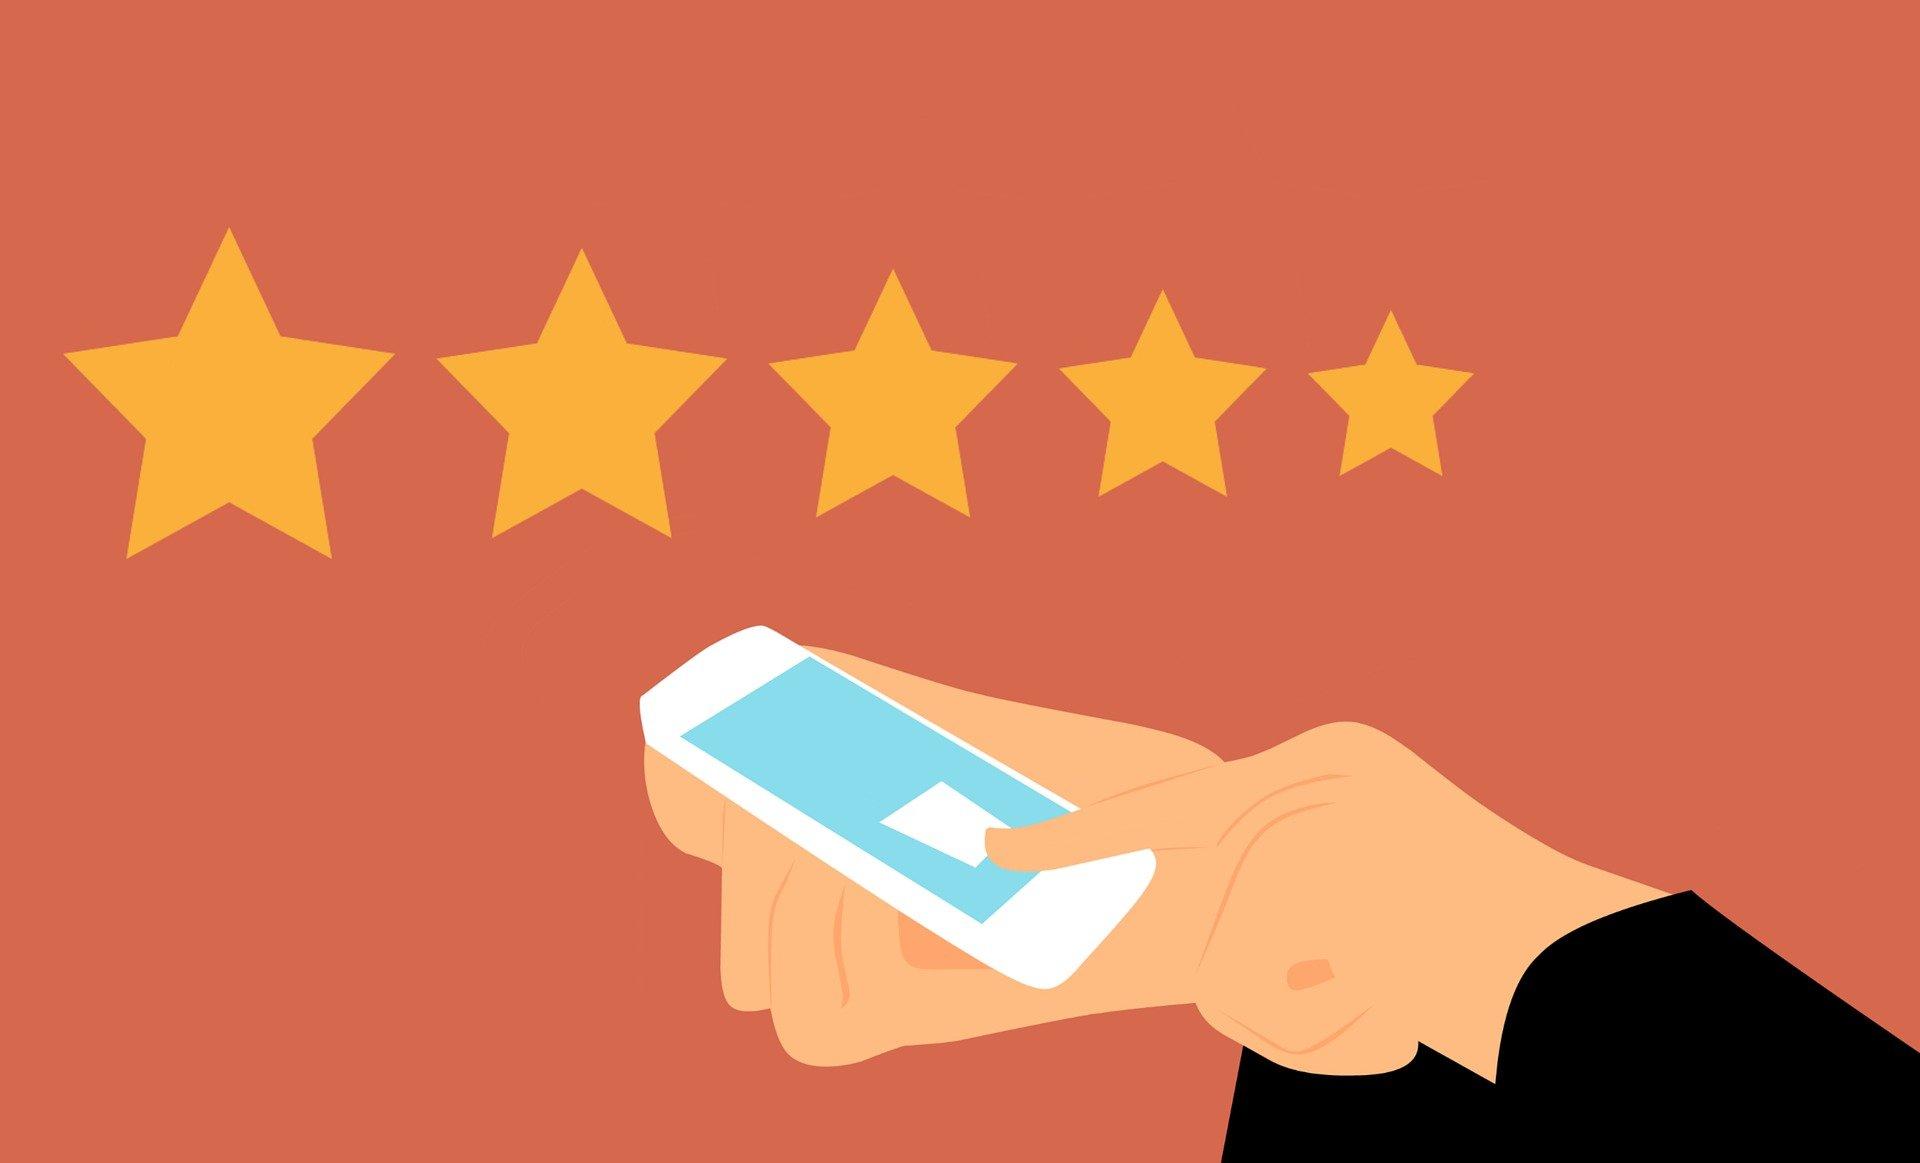 [MAJ] Google France n'aura plus le droit de noter les hôtels par étoiles - Le Journal du Geek